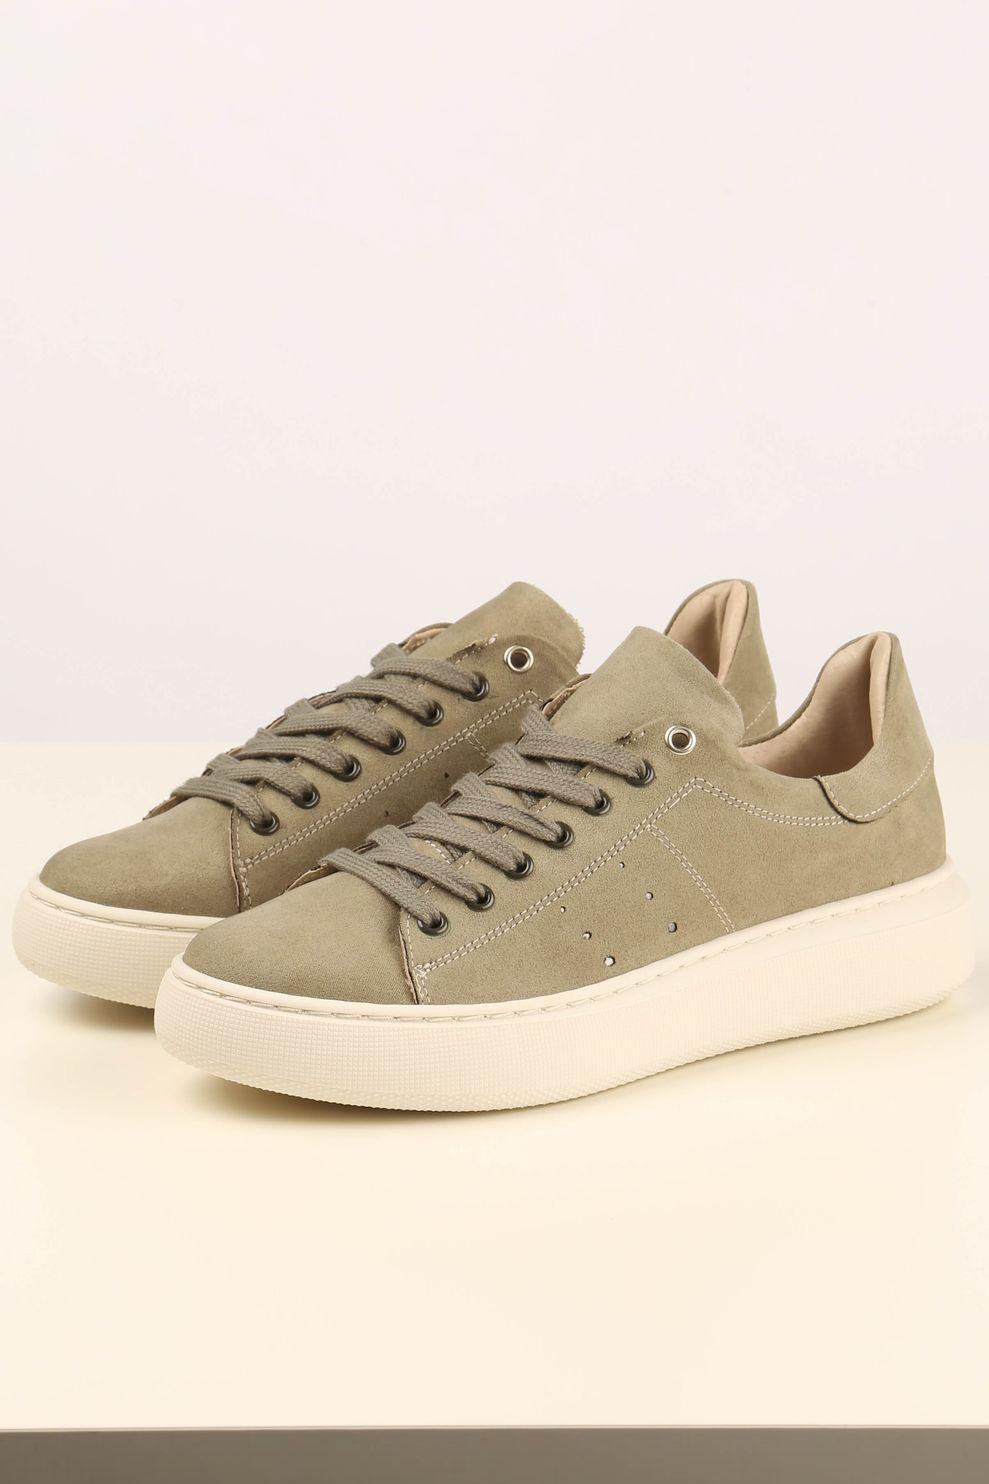 Tango Shoes Sneaker Ingeborg 1-ZD voor dames - MiddenGroen - Maten: 36, 37, 38, 39, 40, 41